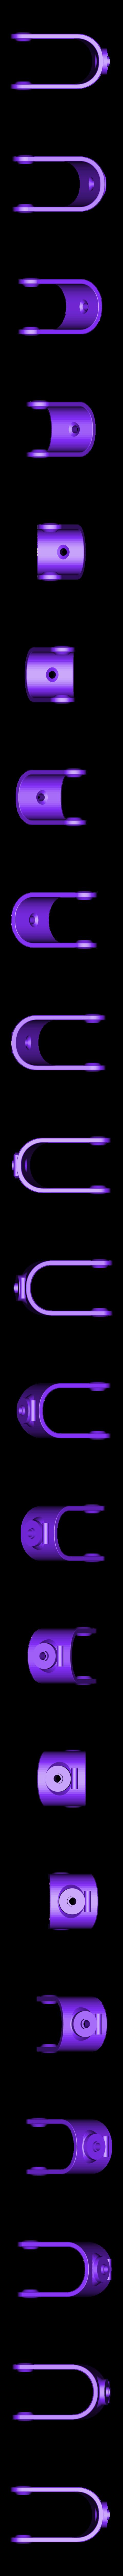 Gearfork04.STL Télécharger fichier STL gratuit Accessoires pour le Hobbyking (Piccole Ali) Macchi C.205 Veltro ARF • Modèle pour impression 3D, tahustvedt